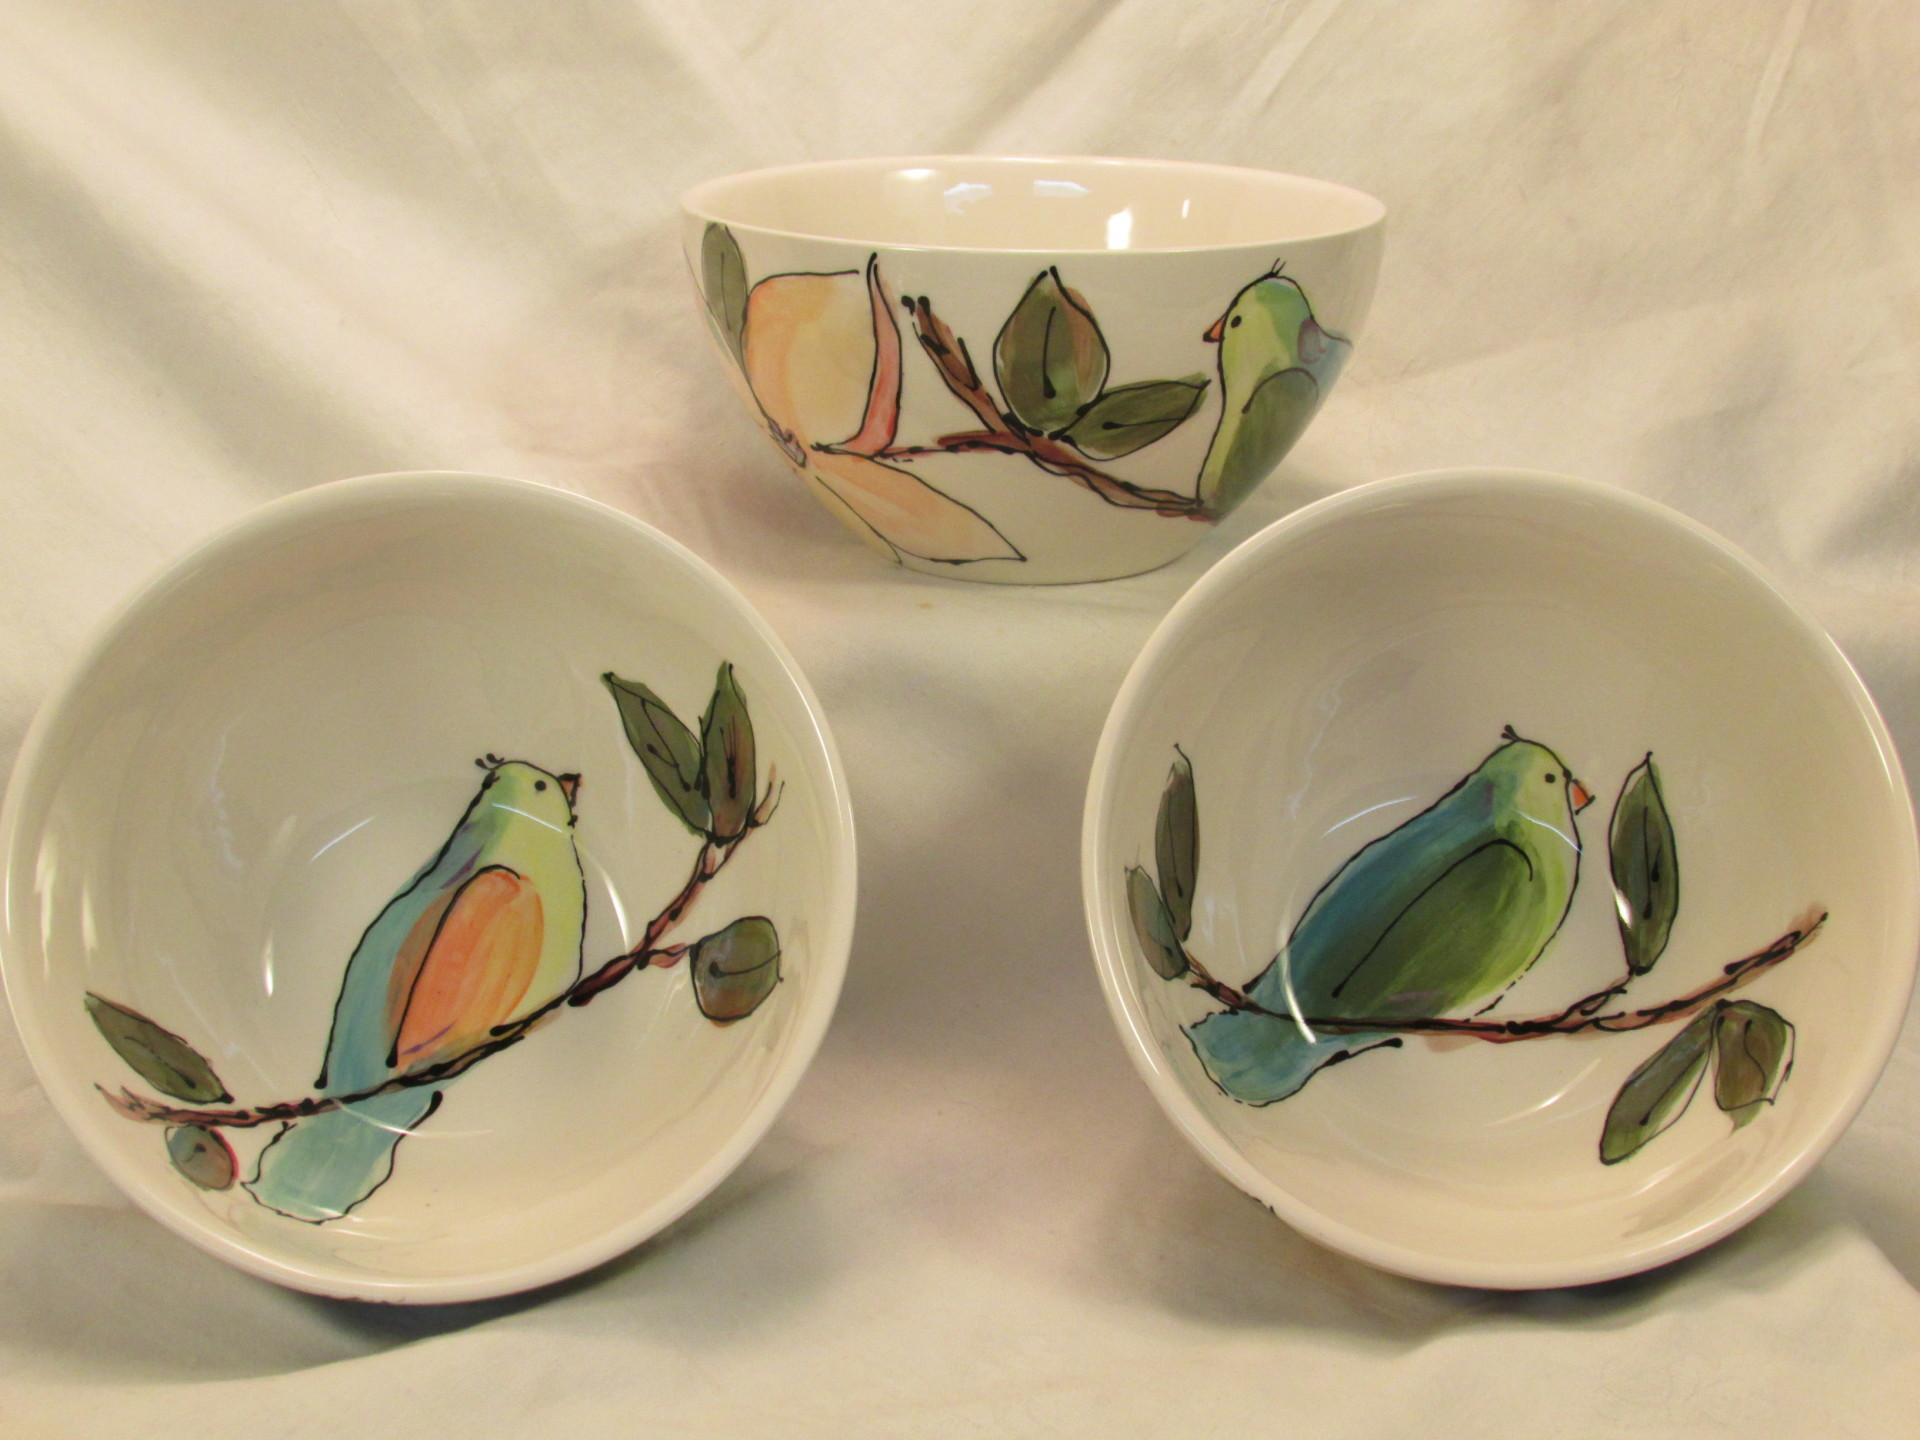 Birds & Magnolias Cereal Bowls